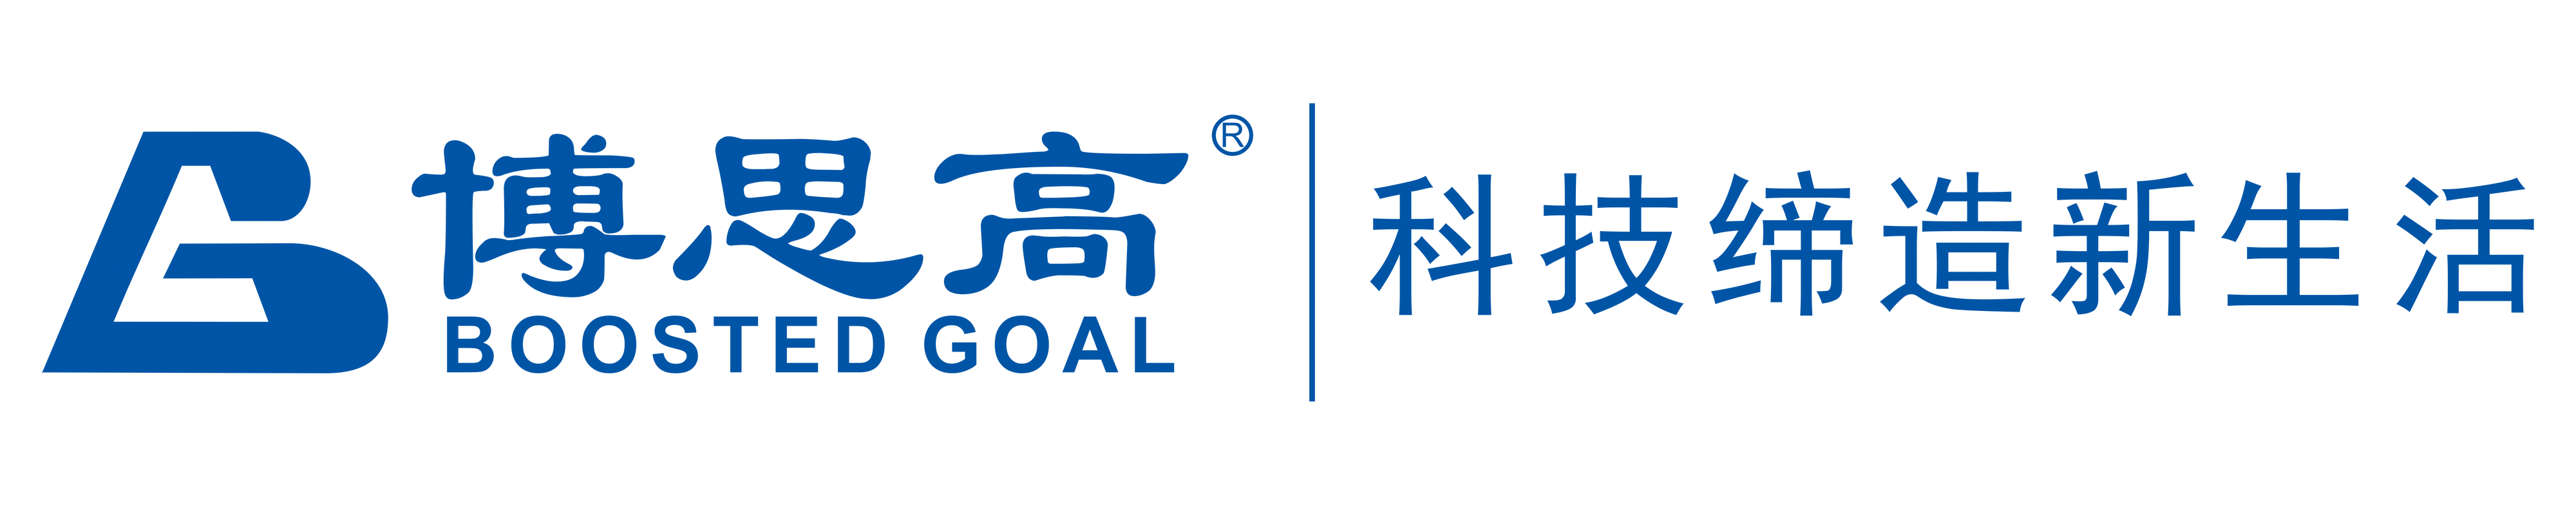 深圳市金沙娱城app官方下载安装高科技有限公司